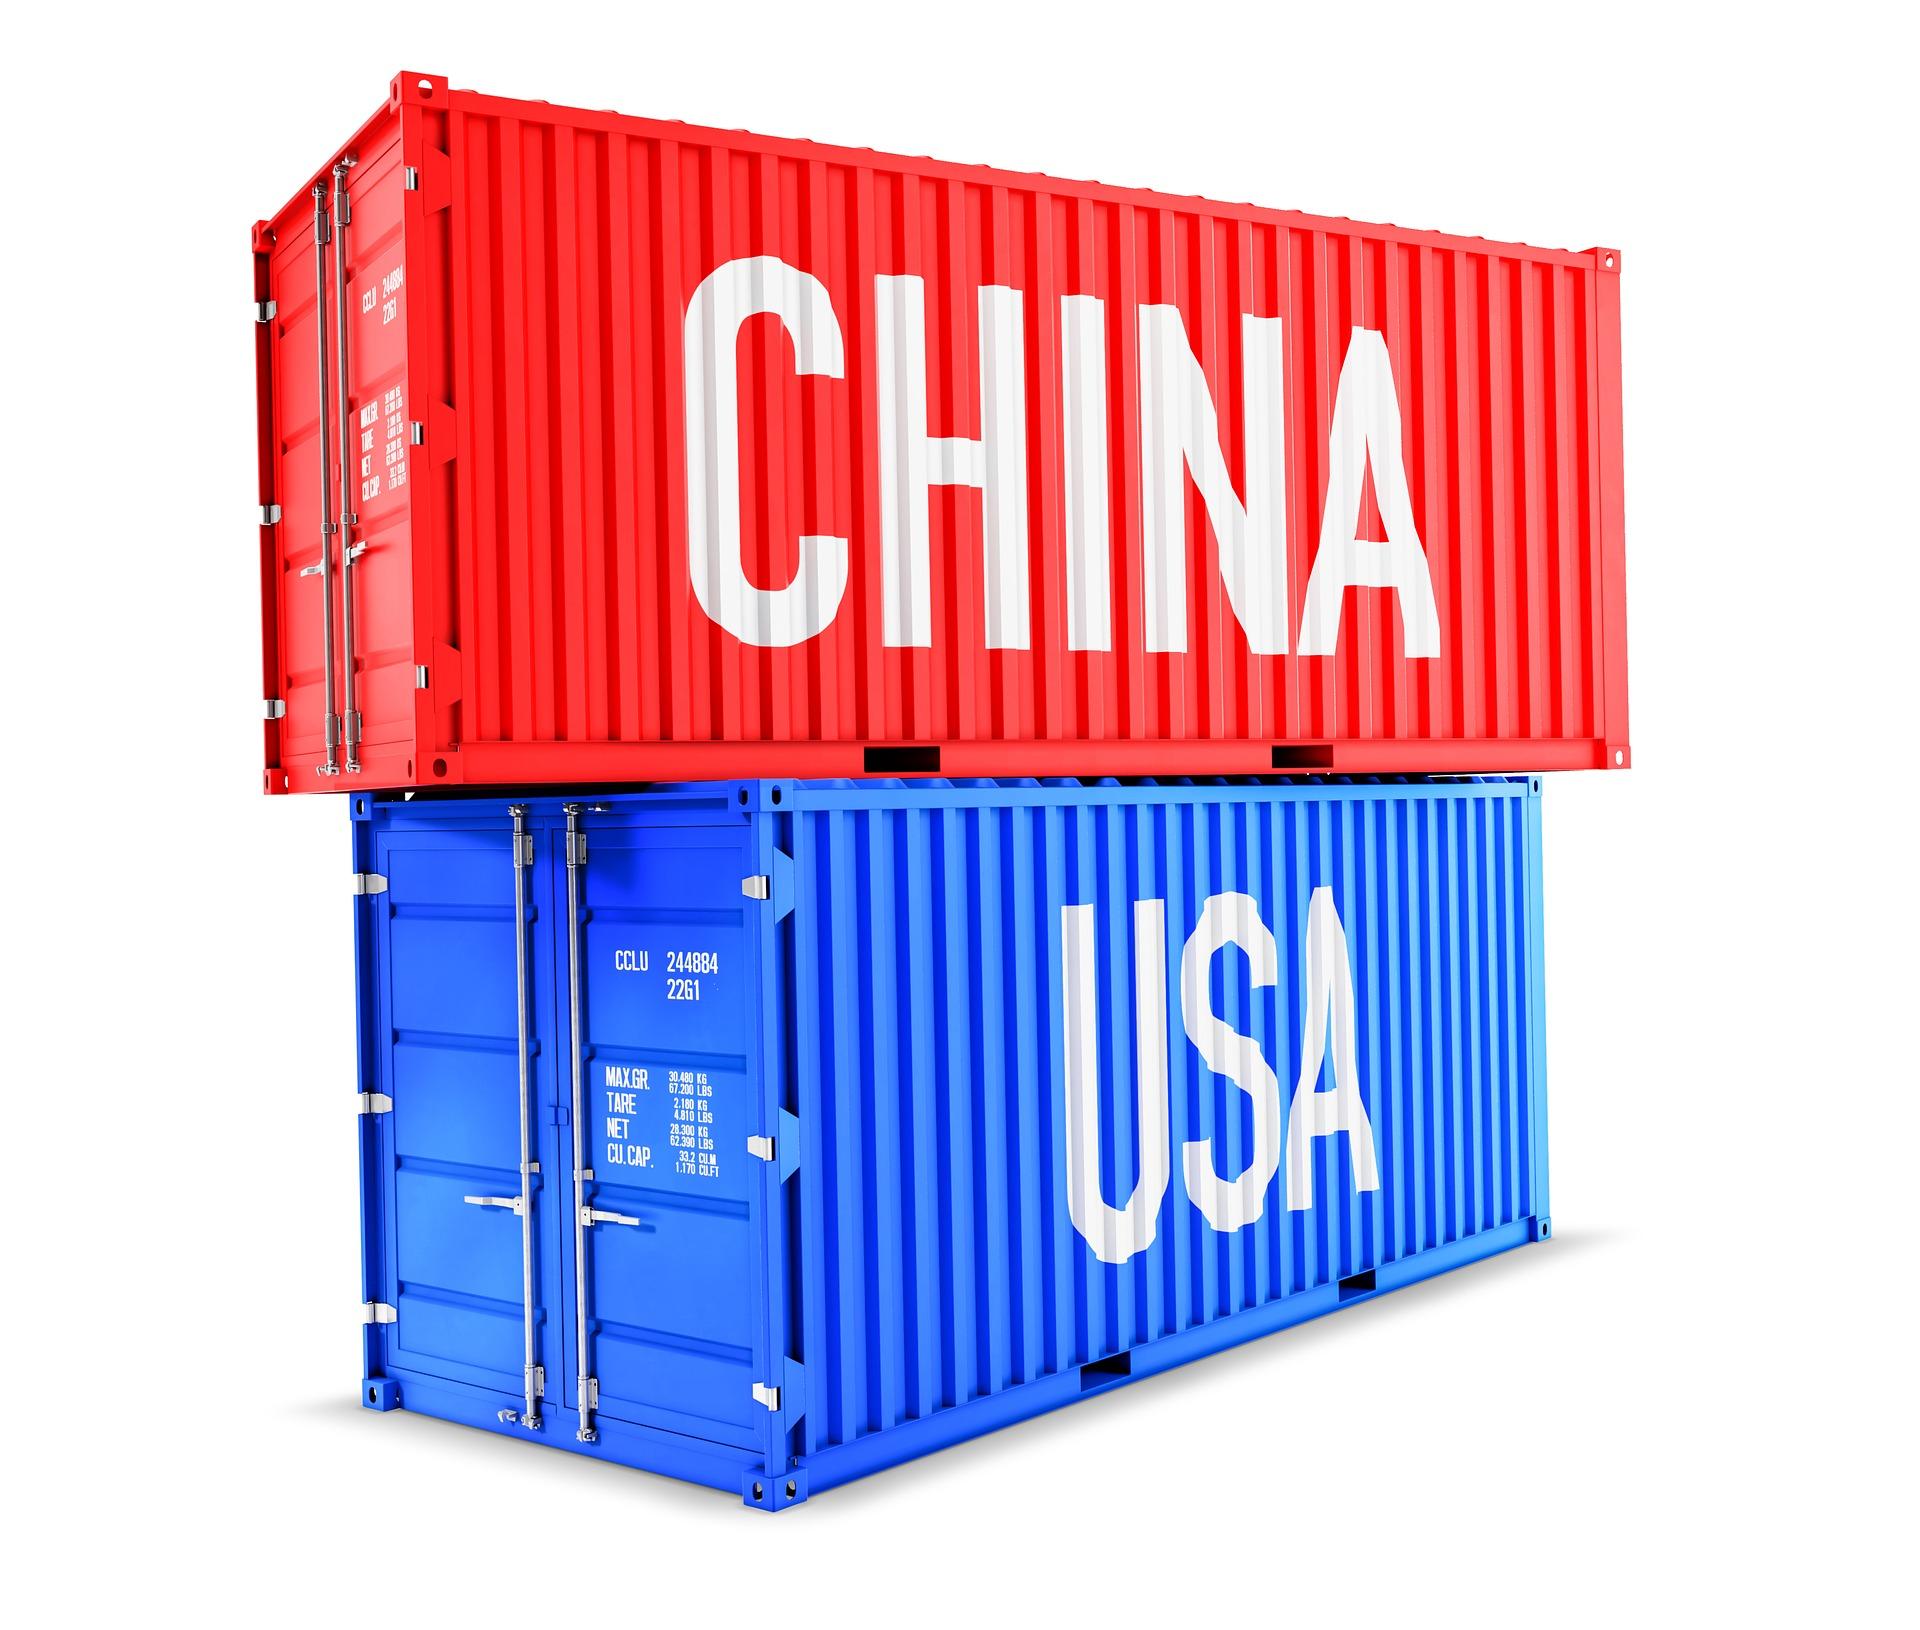 Obrázek: Informační technologie jako politika: Čína a USA bojují o dominanci